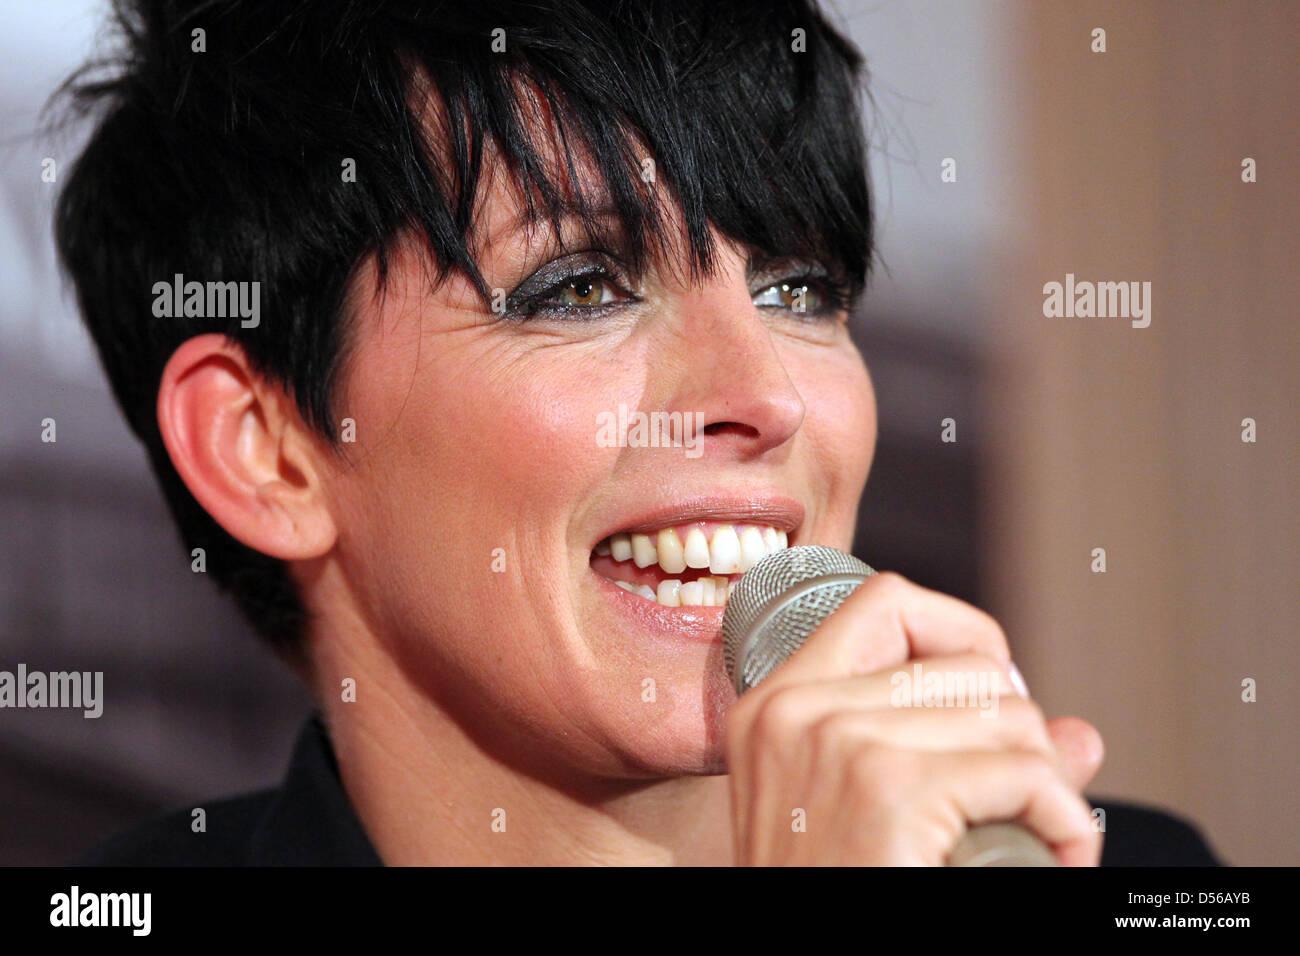 Sängerin Nena stellt Am Montag (08.11.2010) en Hamburgo ihr neues álbum   4d4964aeb1f